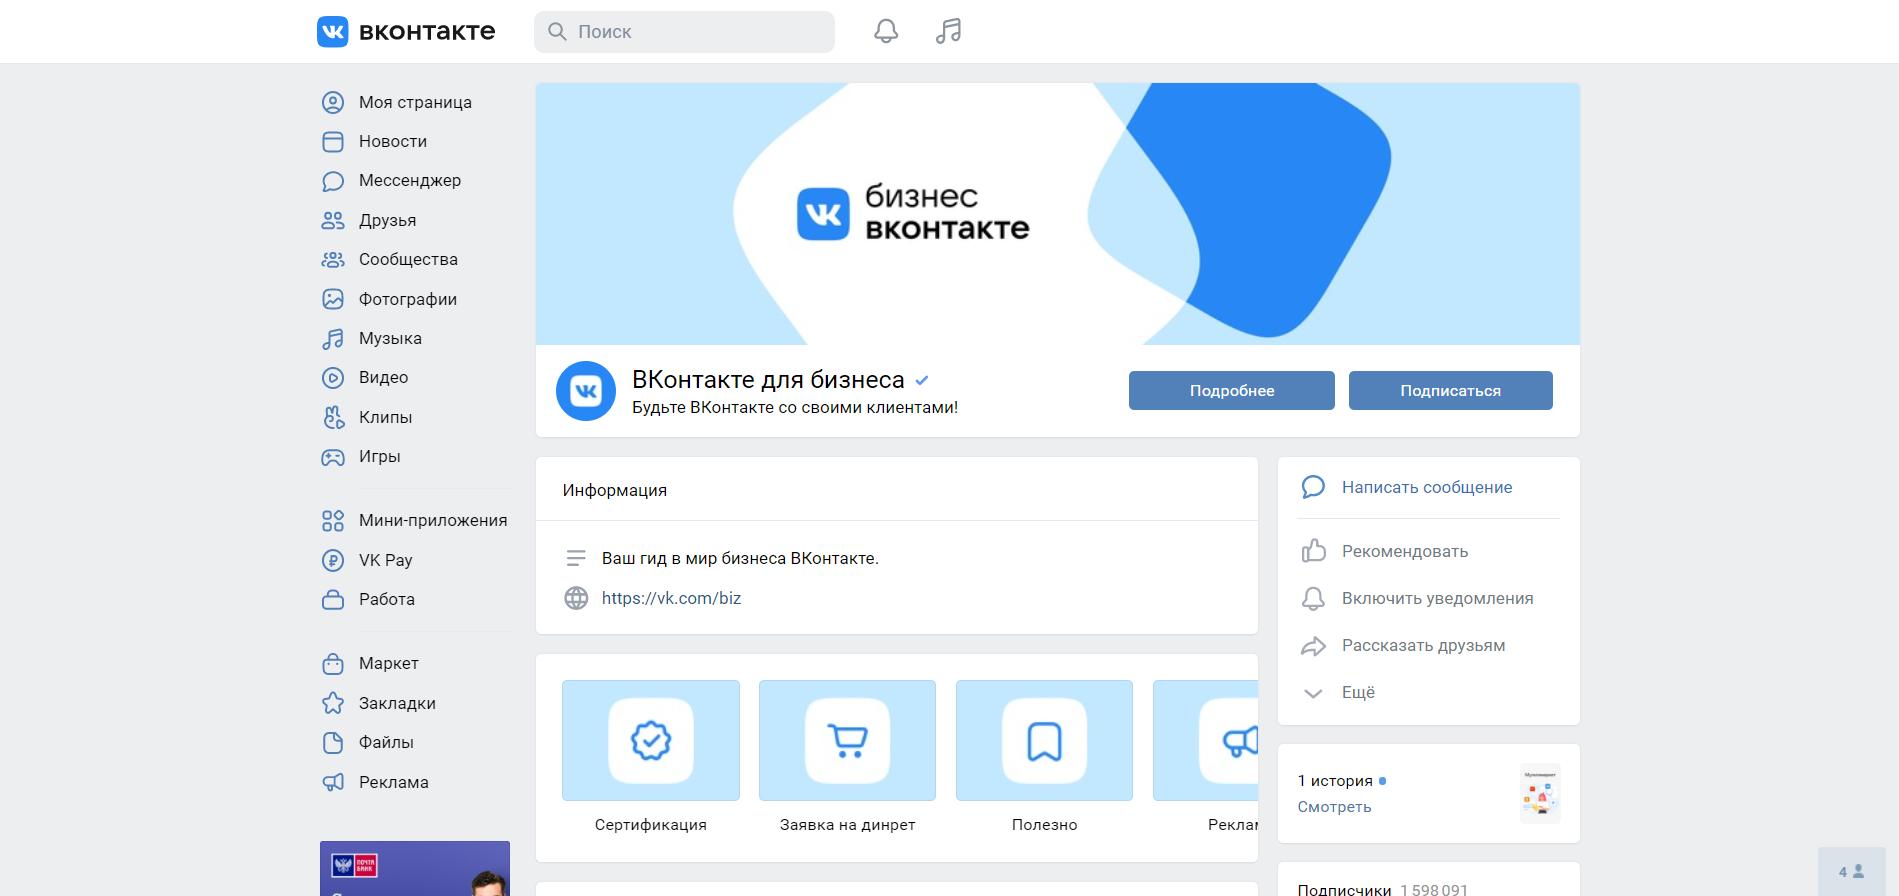 Сообщество ВКонтакте для бизнеса